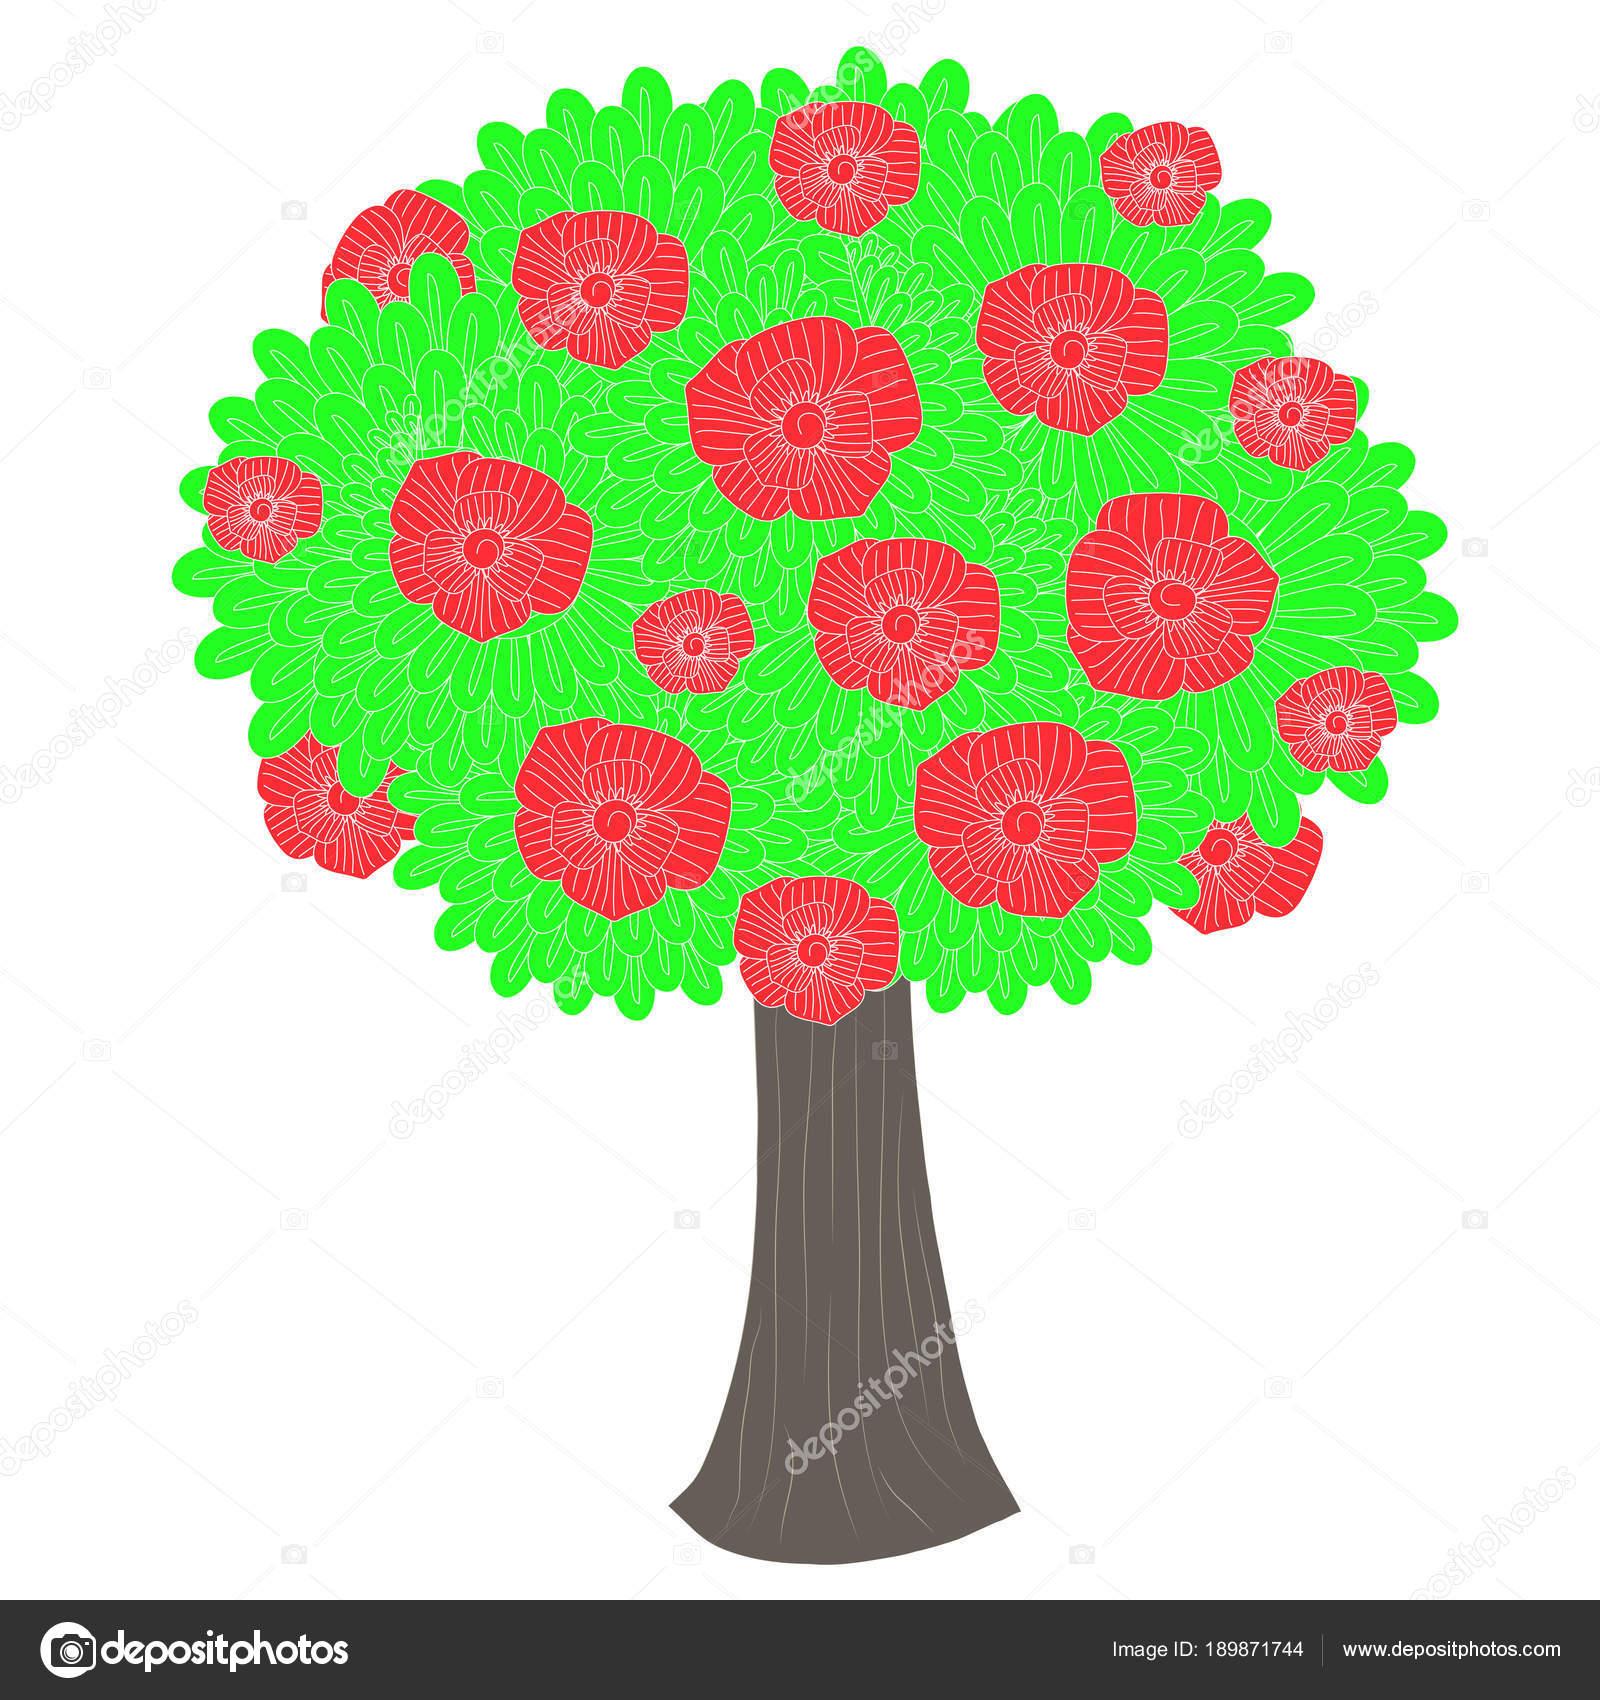 Imágenes Ilustraciones Arbol Dibujos Animados Verde árbol Flores